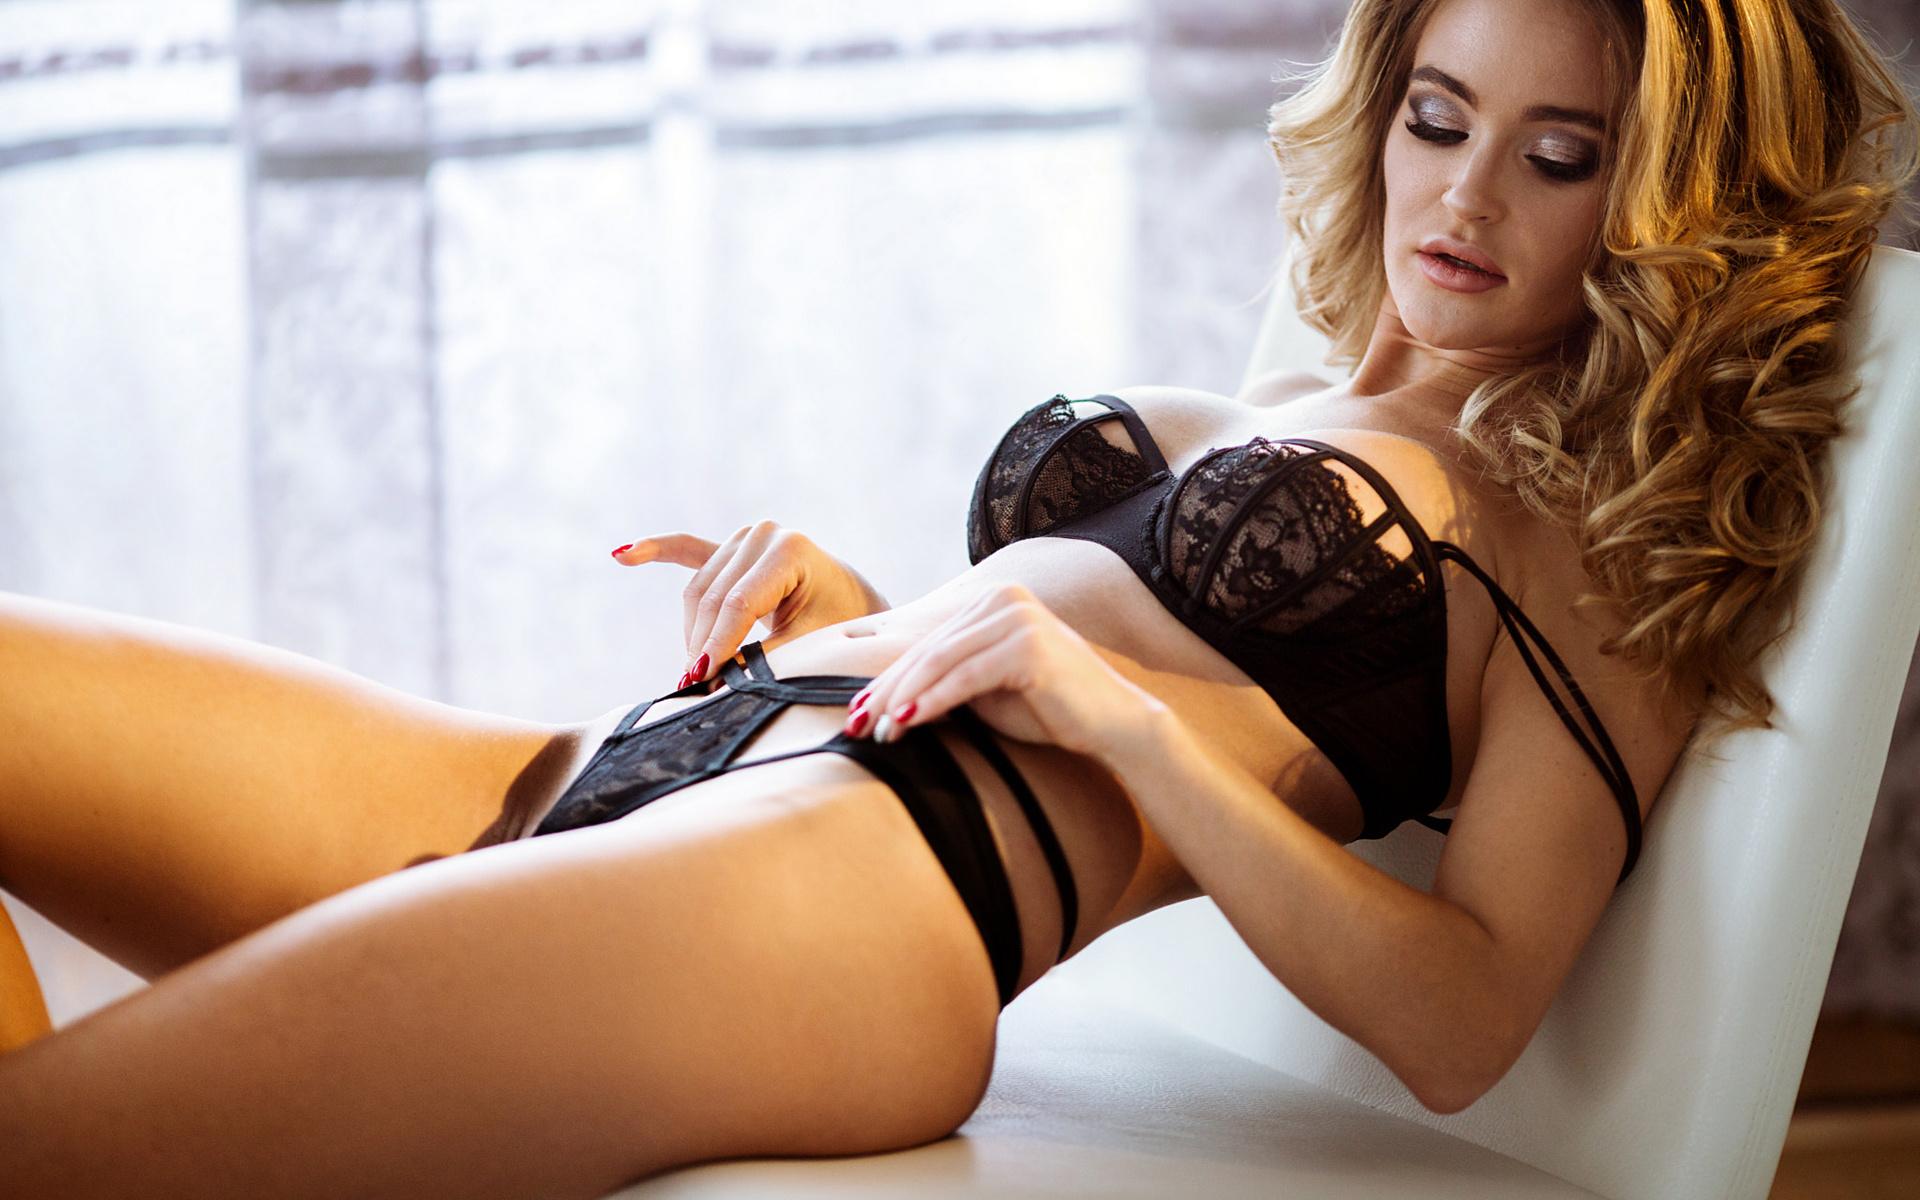 Сэкс с супер телкой, Красивые тёлки порно видео на 1 фотография